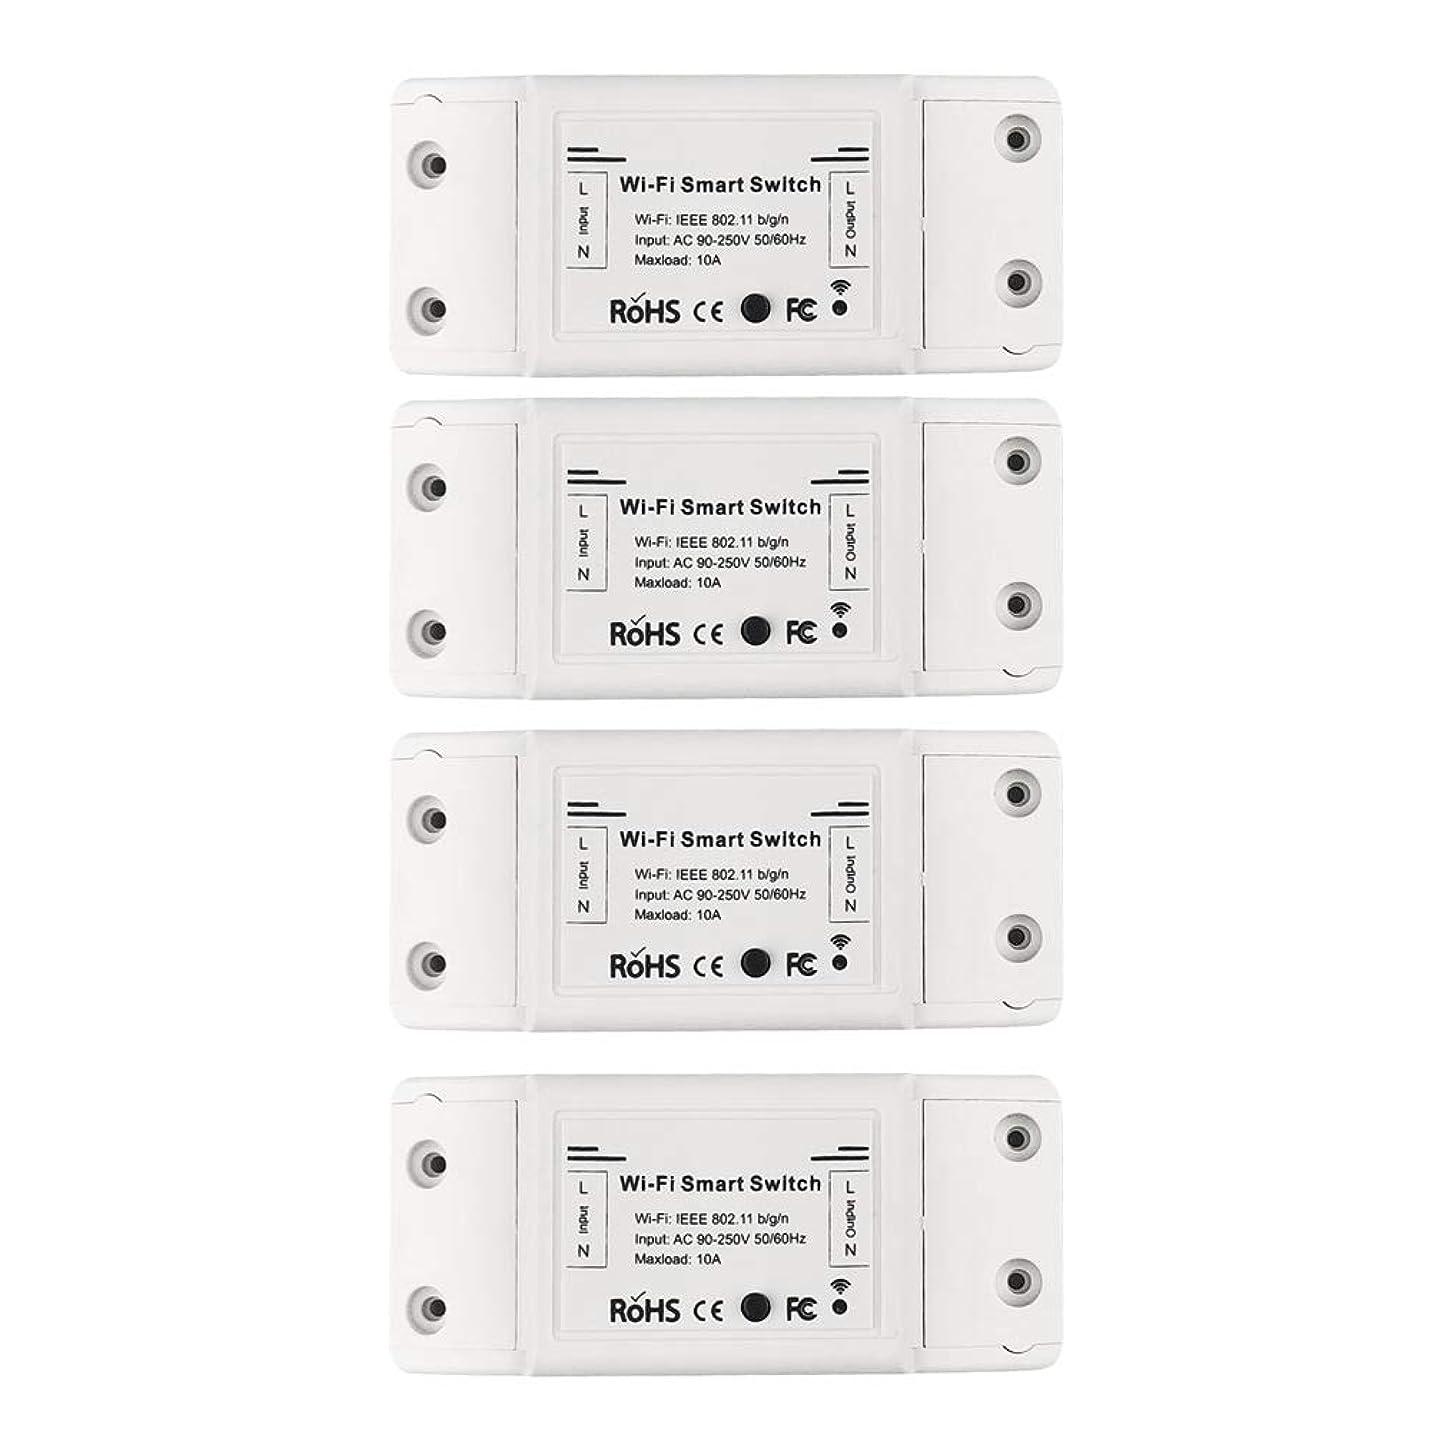 池シェトランド諸島狂信者KKmoon WI-FI タイマースイッチ DIYブレーカーモジュール APPリモートコントロール 電気スイッチ